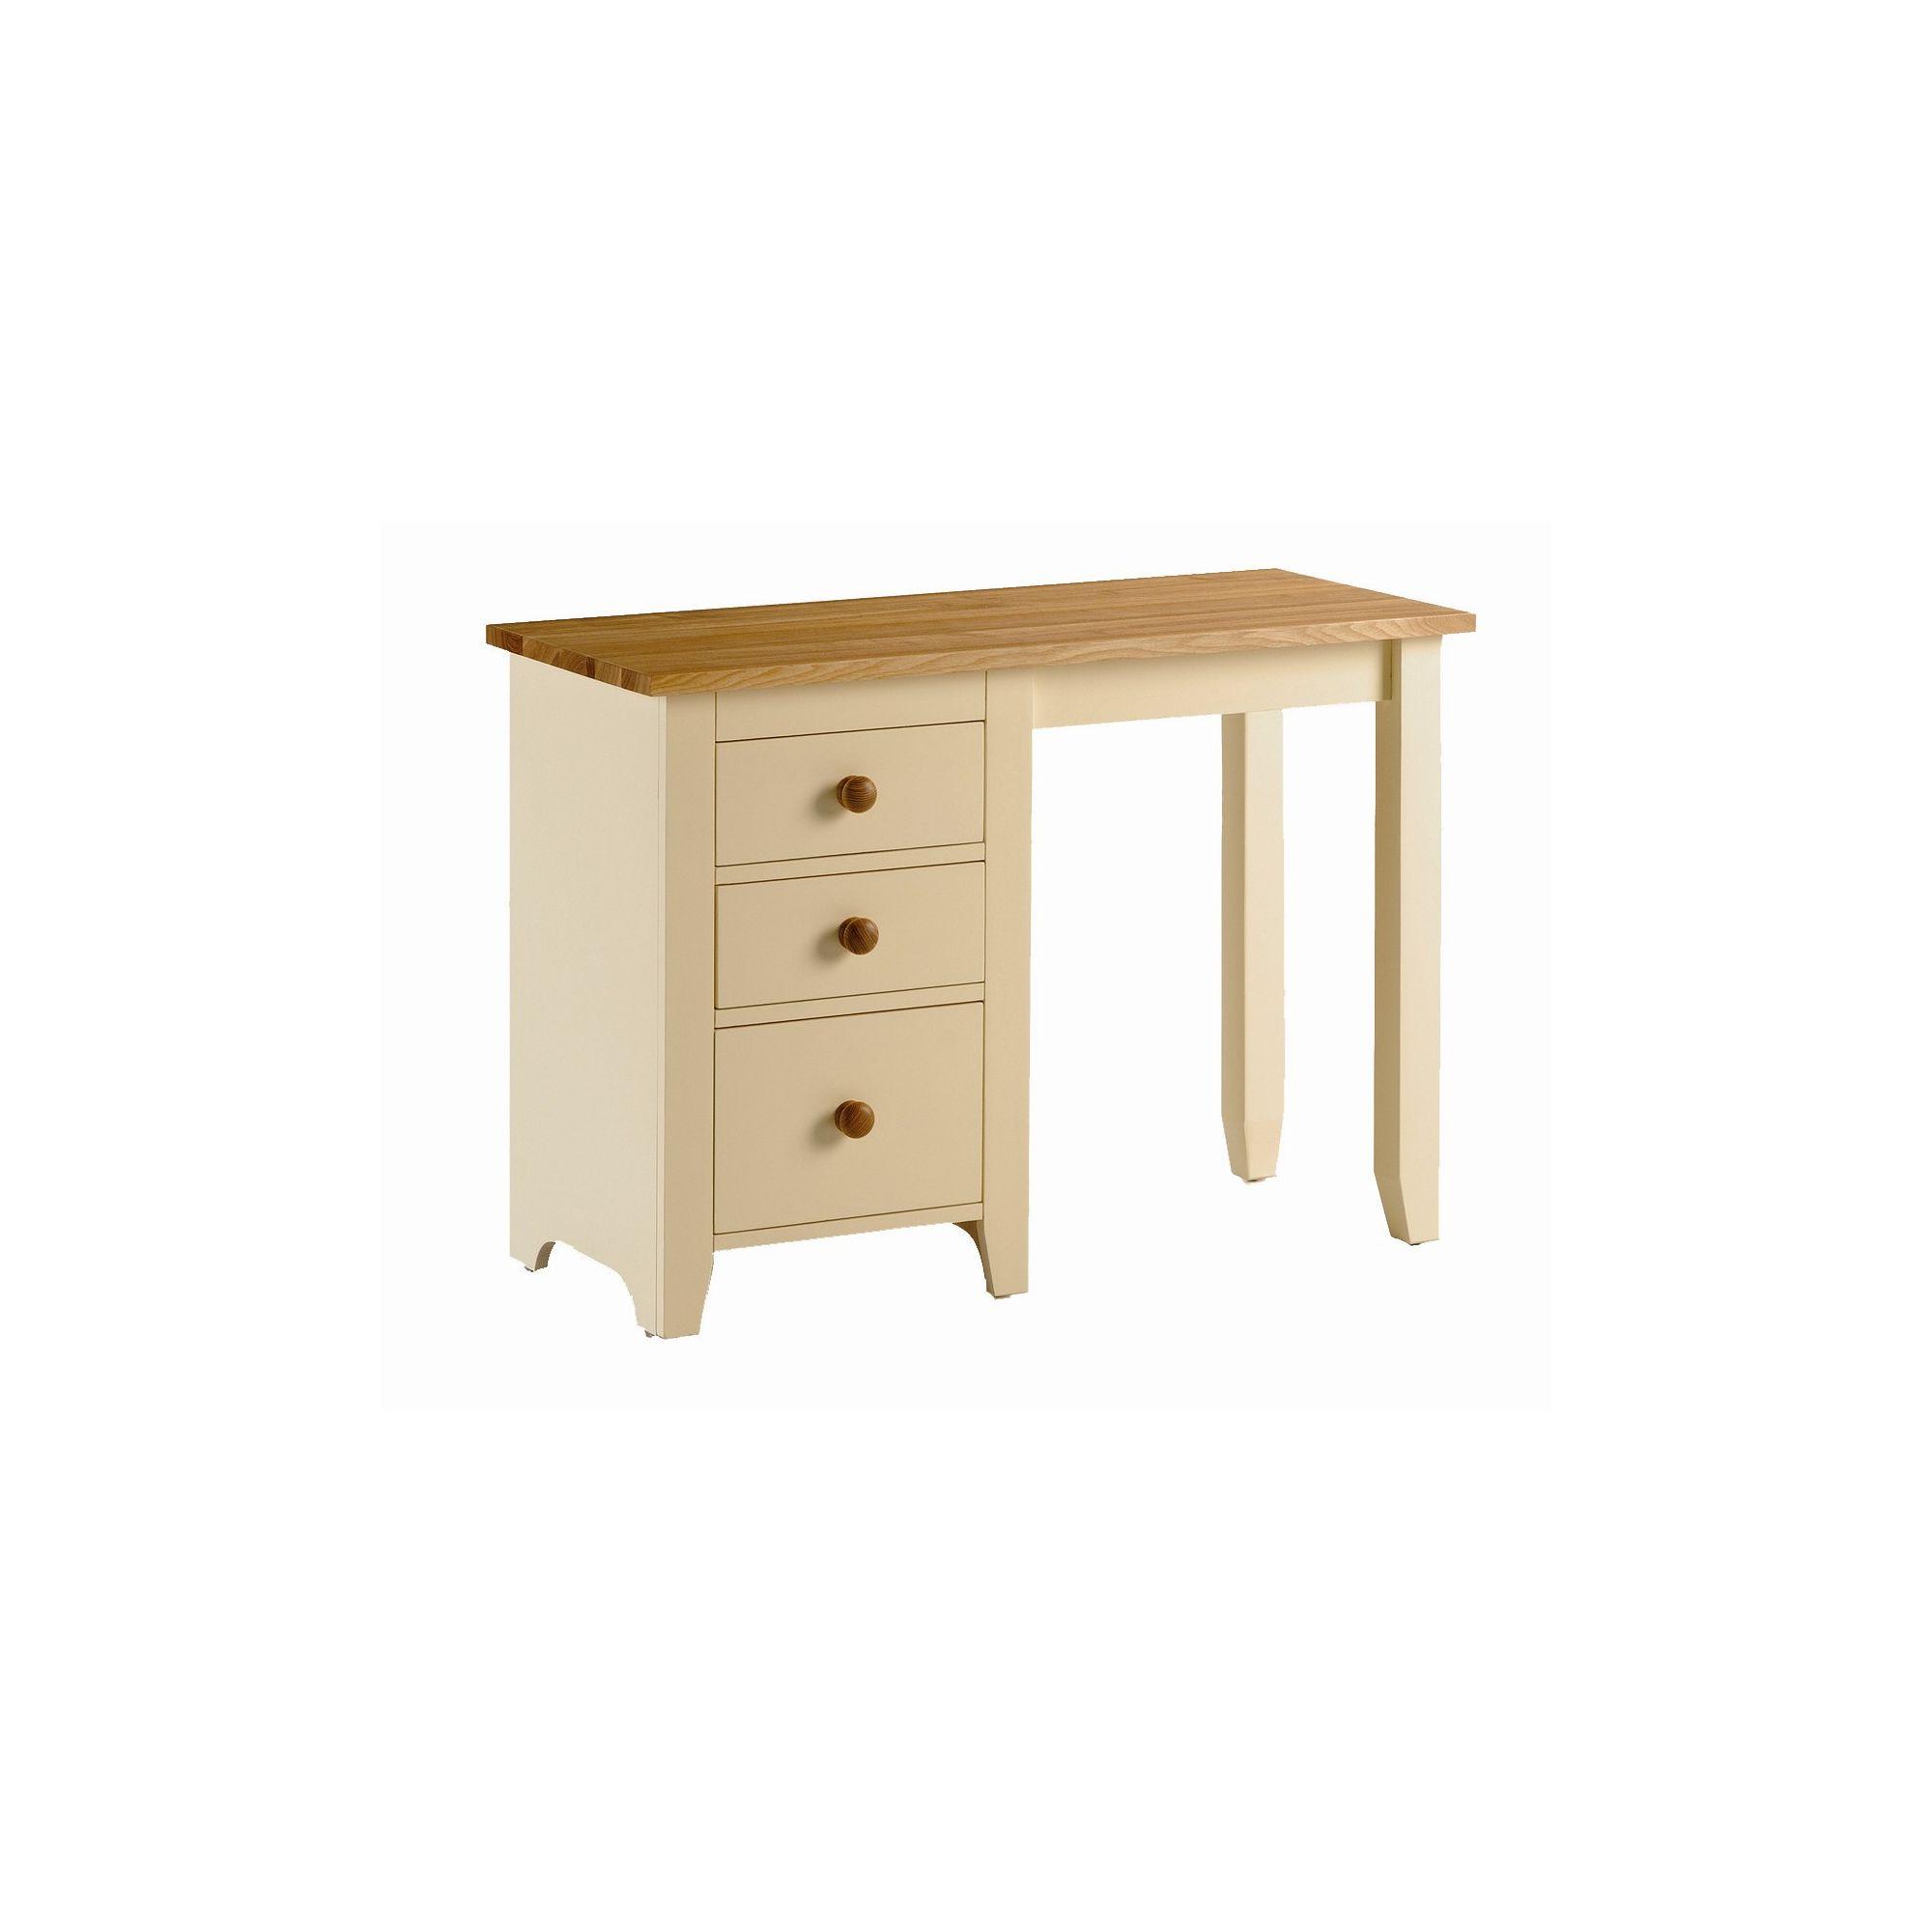 Kelburn Furniture Fanshawe Painted Single Pedestal Desk in Ivory at Tesco Direct